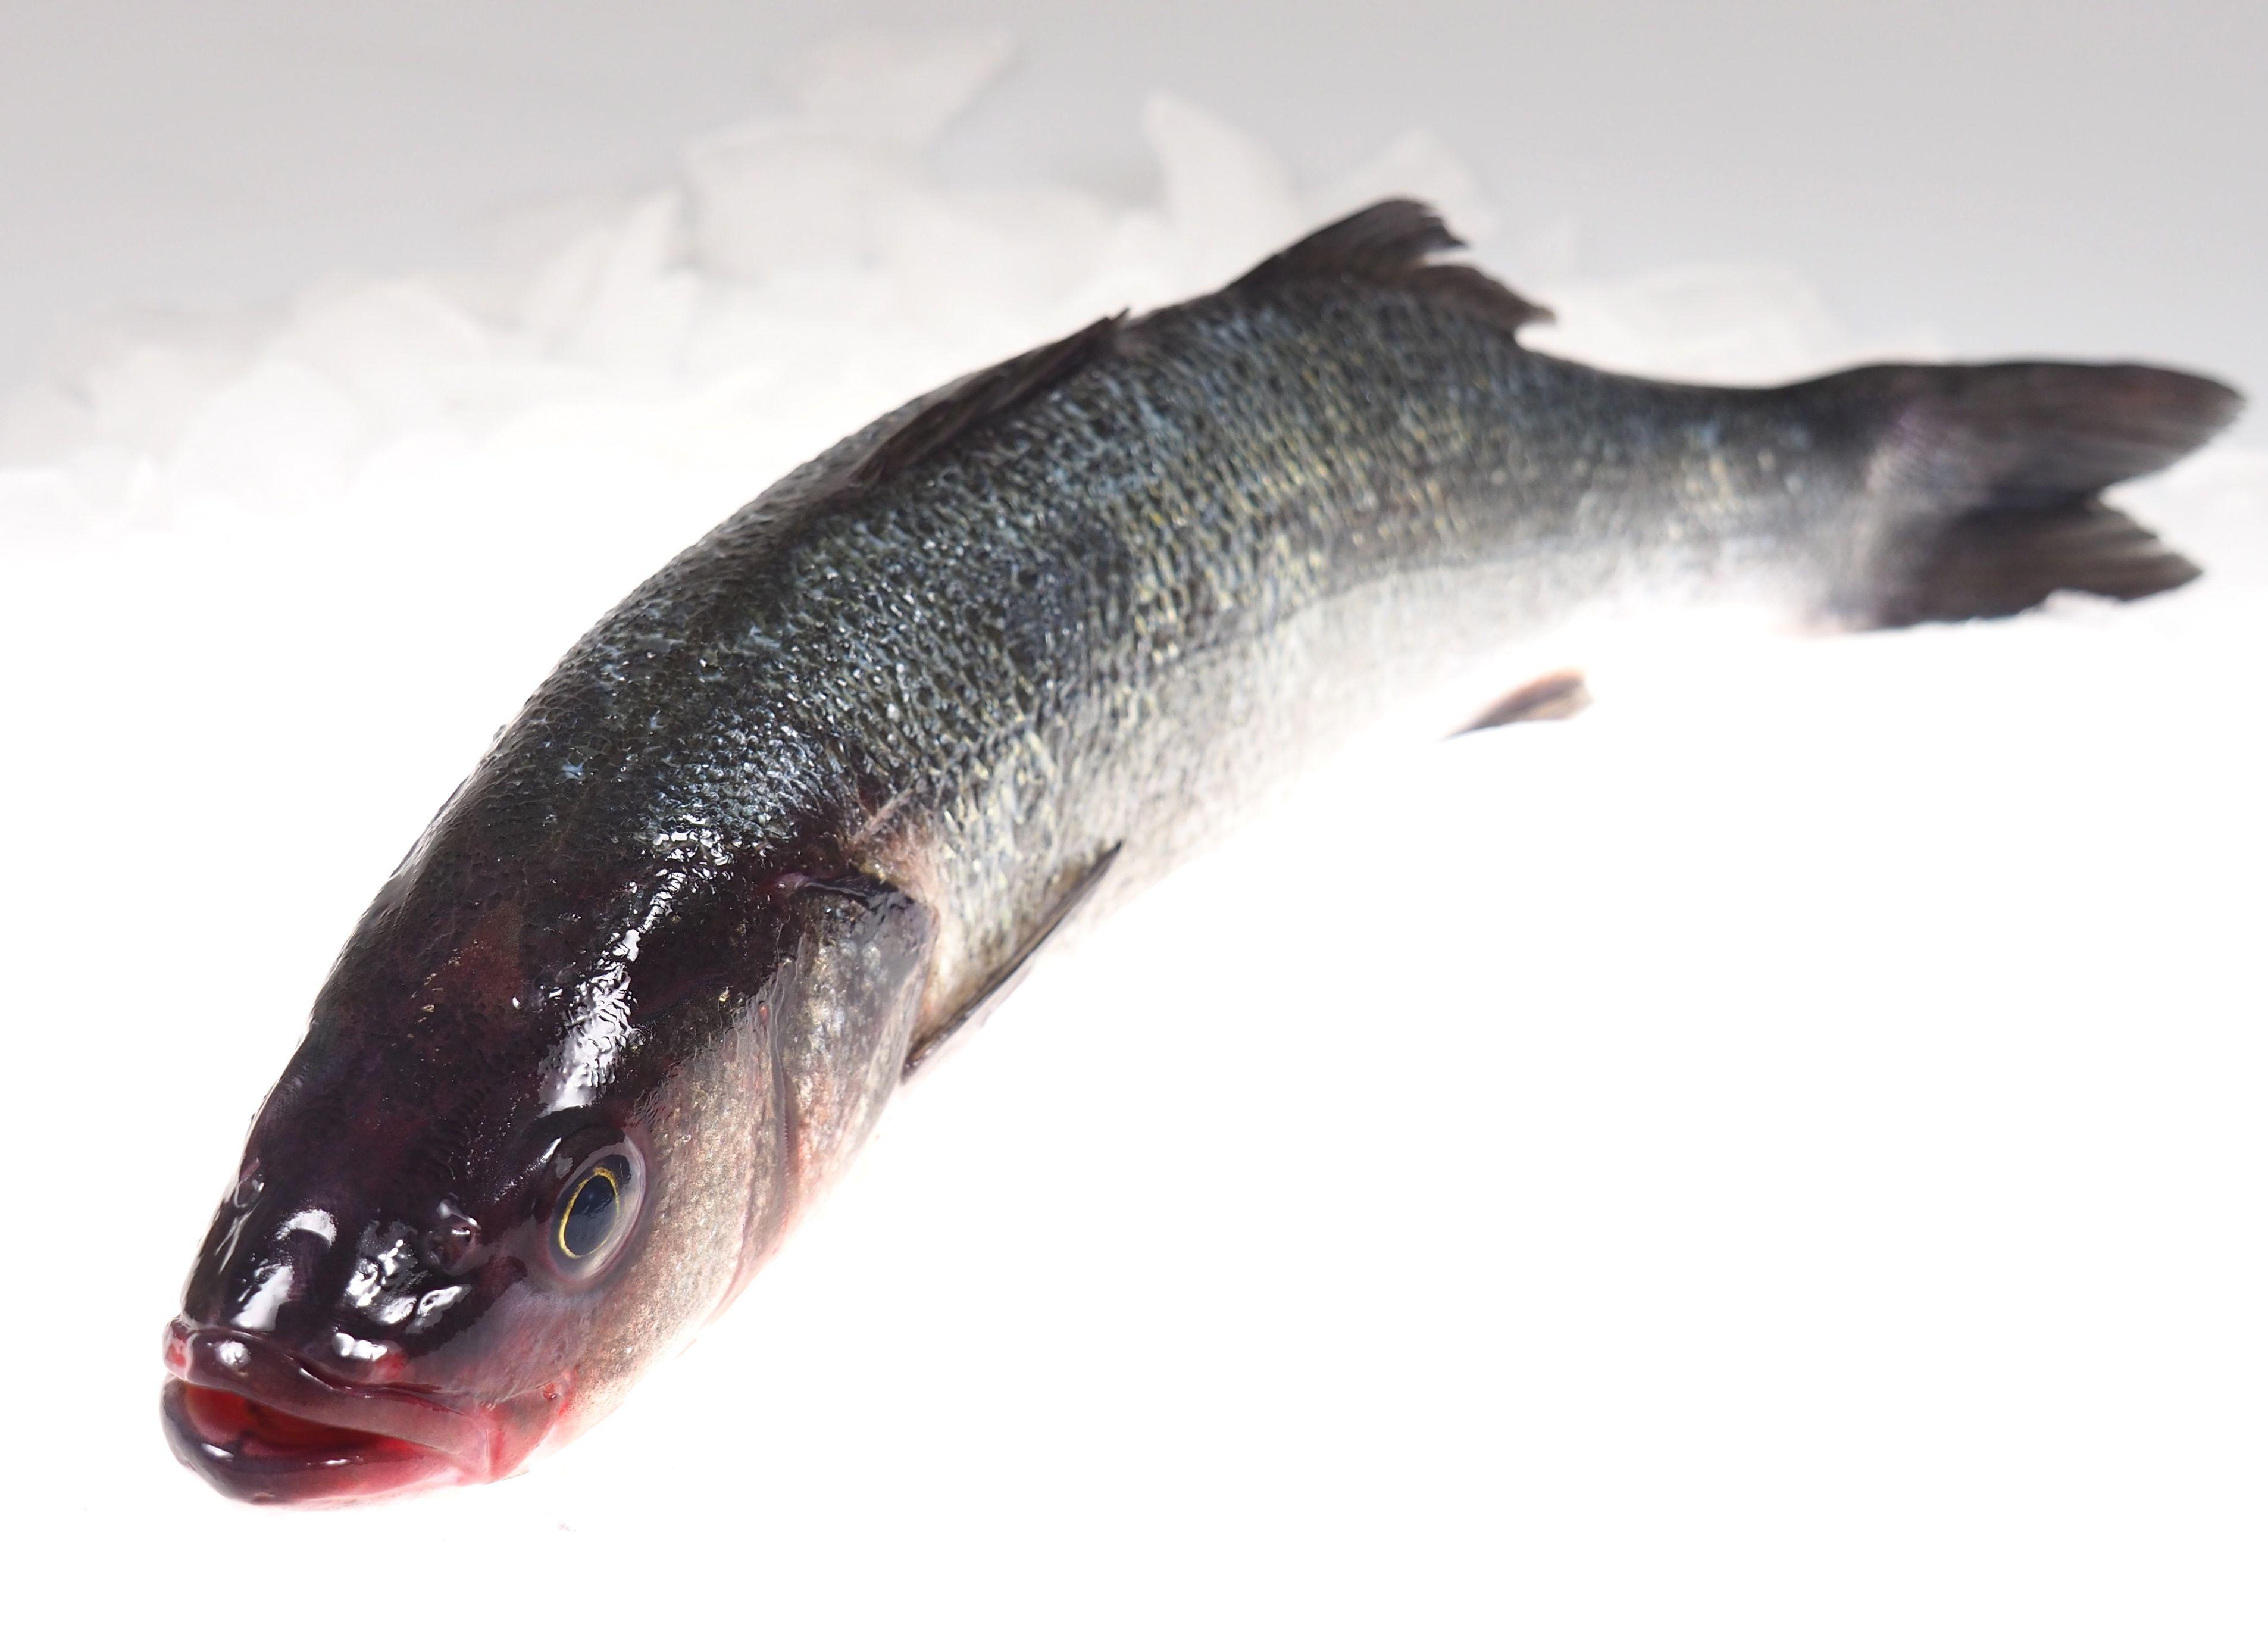 wolfsbarsch gro fisch zum grillen fisch lachskontor frischfisch versand fisch kaufen. Black Bedroom Furniture Sets. Home Design Ideas